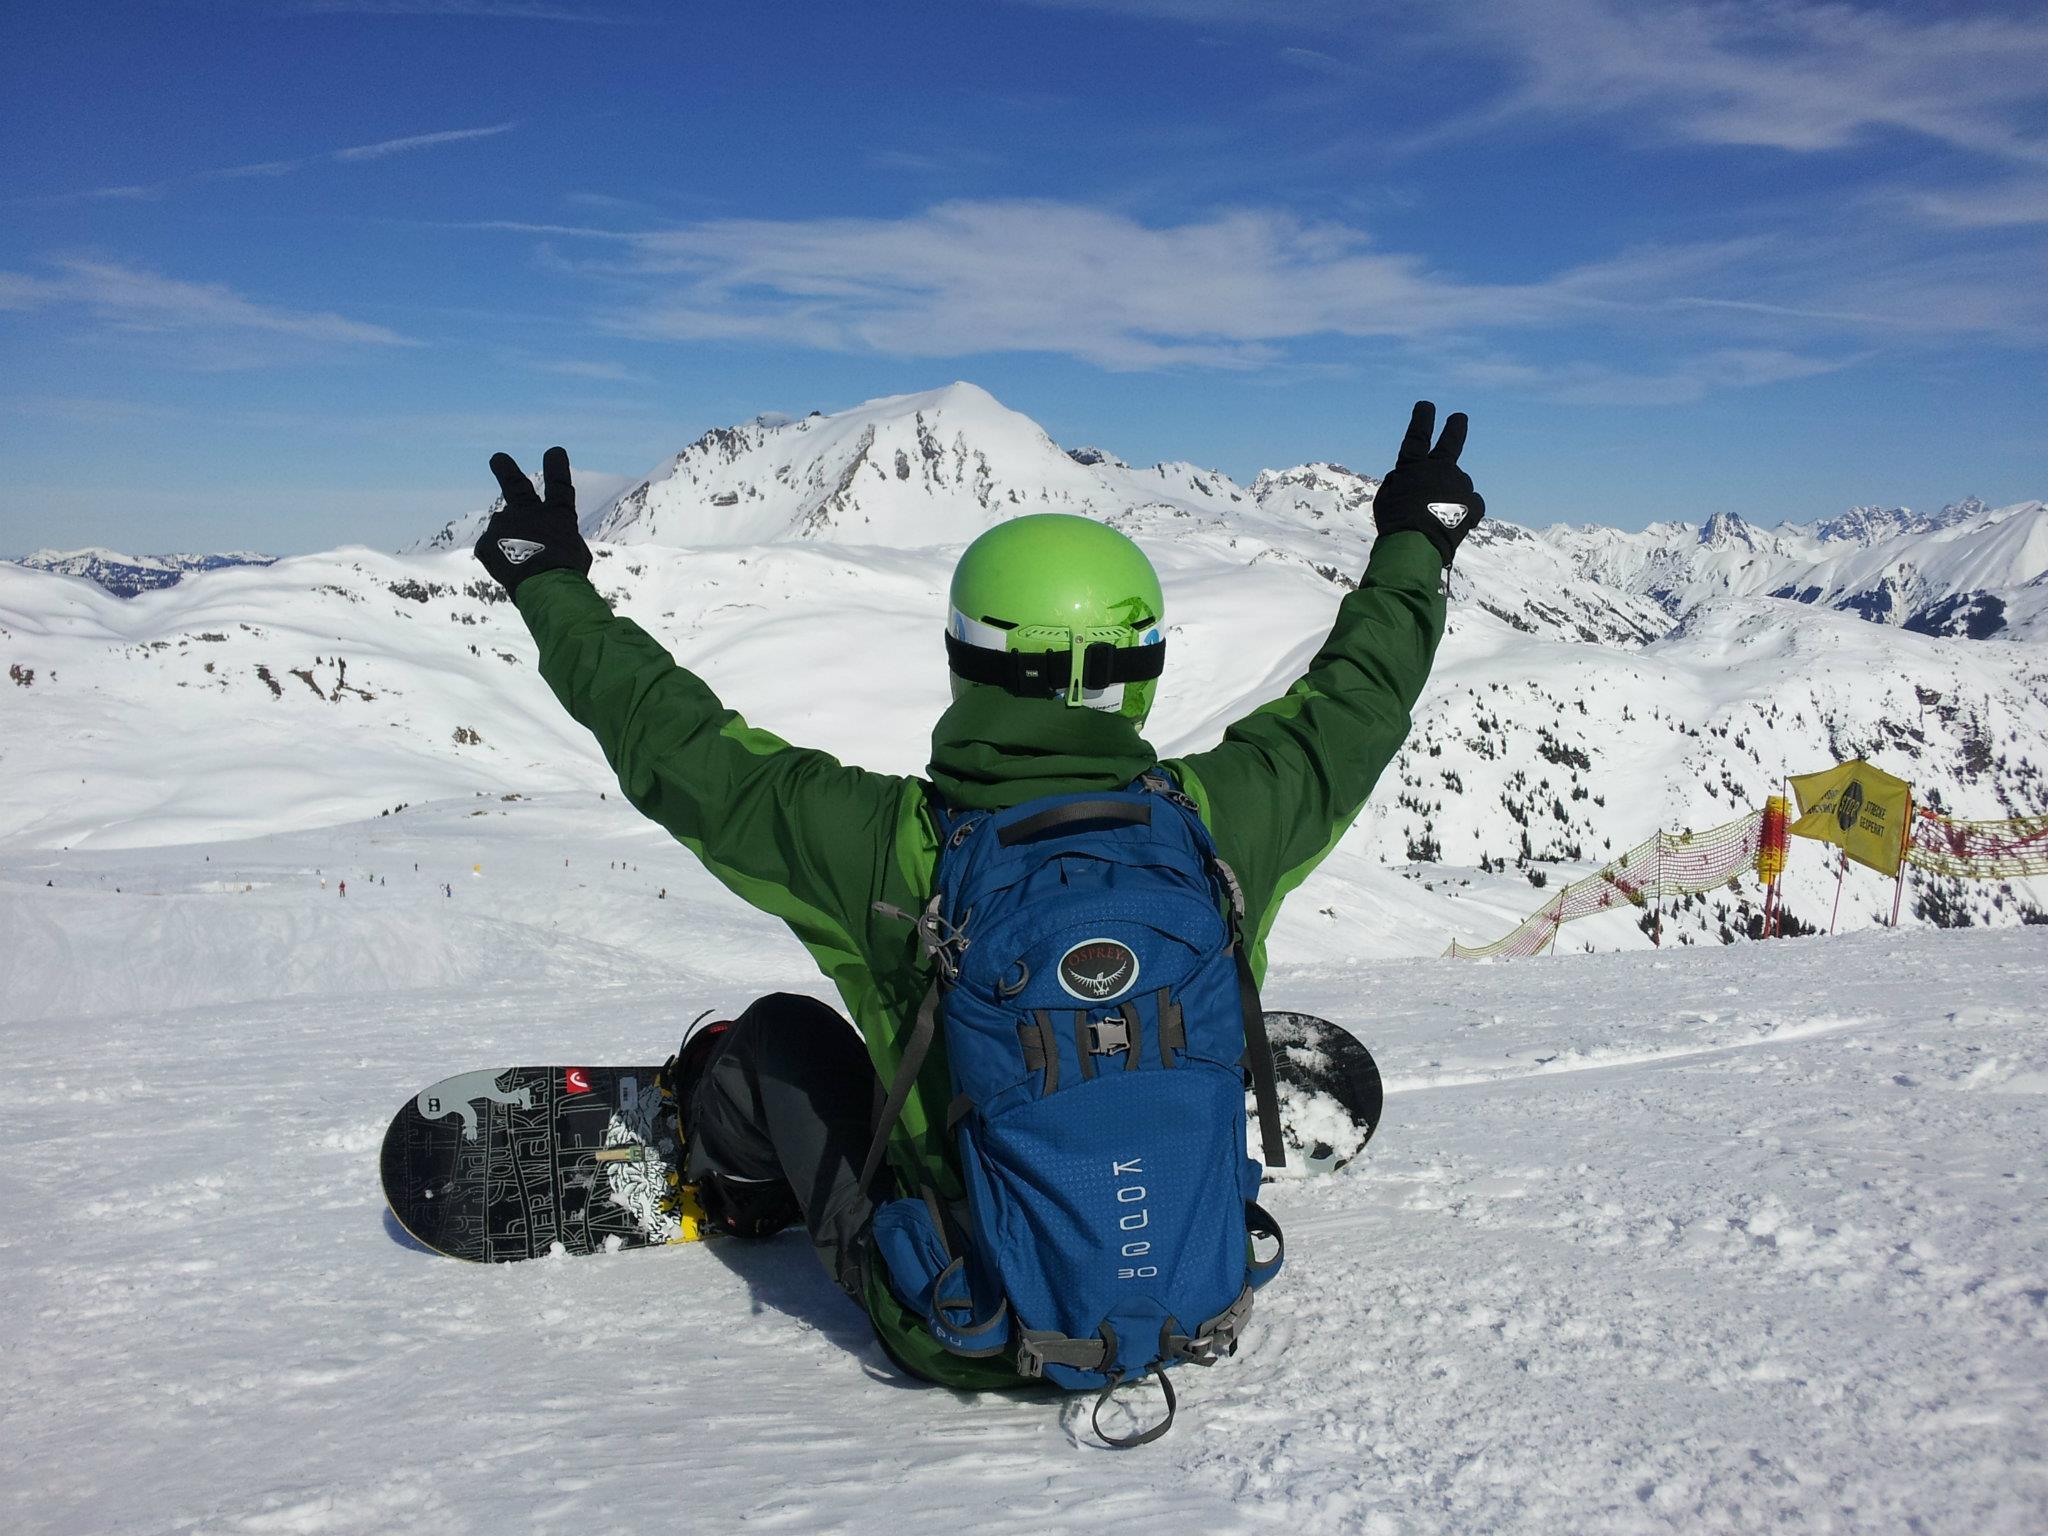 Head Snowboards - The Evil Kers - Freestyle-Snowboard für jede Menge Fahrspaß im Funpark und auf der Piste